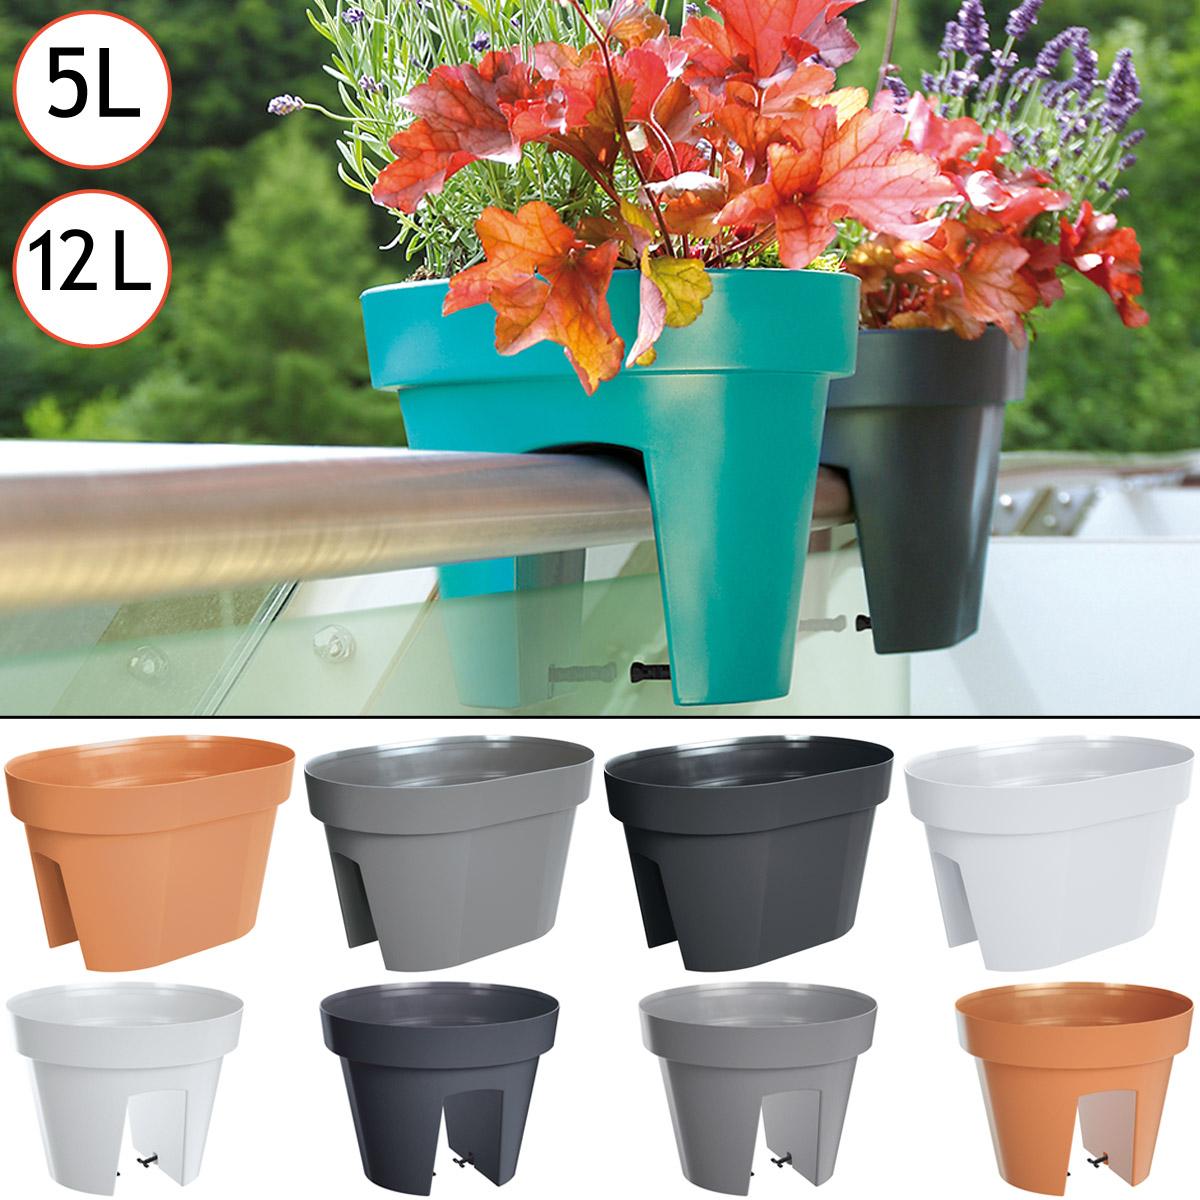 pots de fleurs pour balcon jardini res balustrades 5l ou. Black Bedroom Furniture Sets. Home Design Ideas